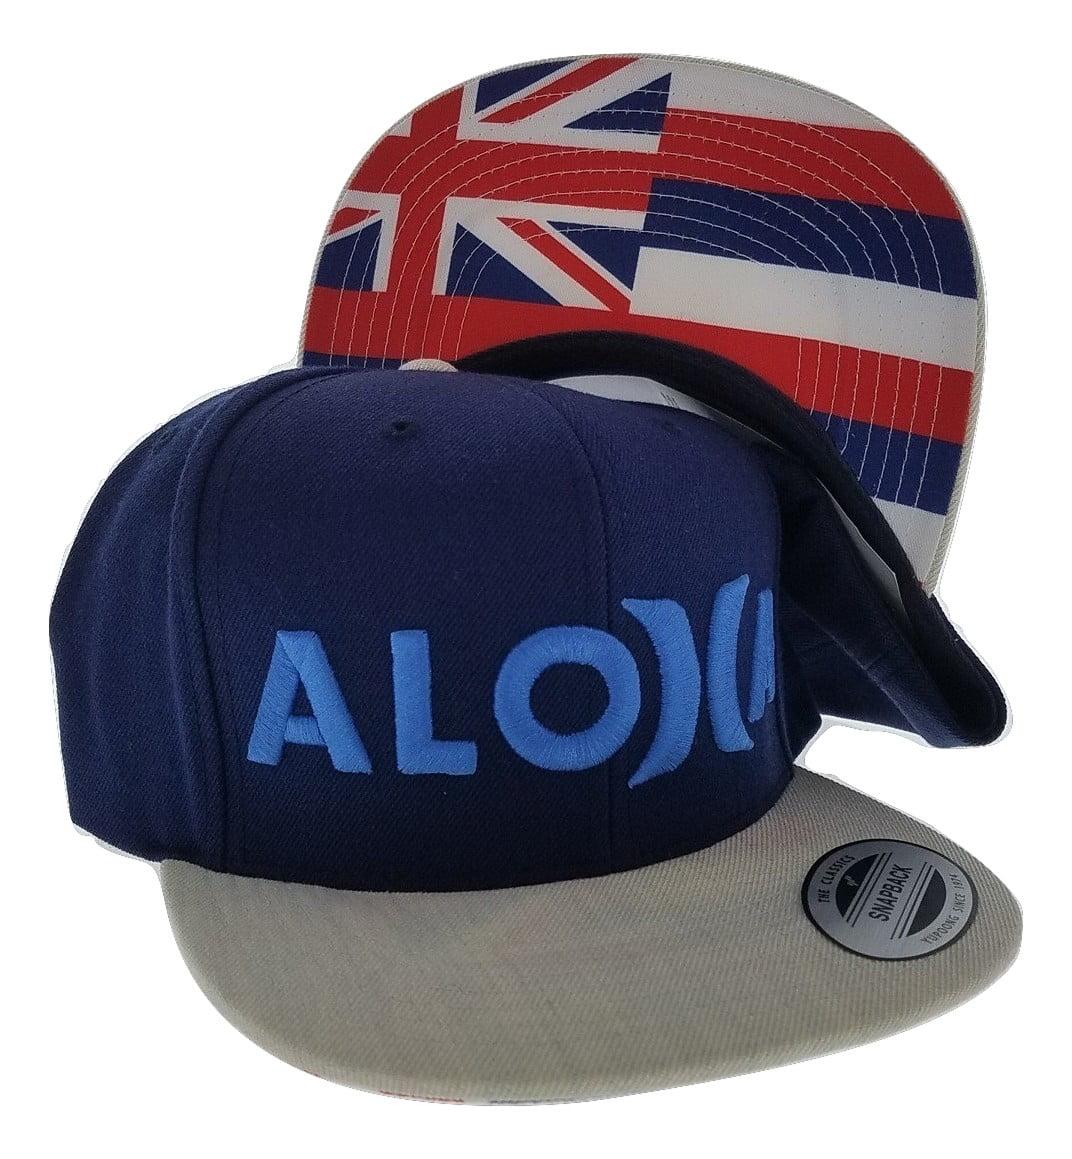 quality design 715f4 a32af ... adjustable hat black for men 8833c f19c2  best price hurley aloha snapback  hat walmart b8abe f9880